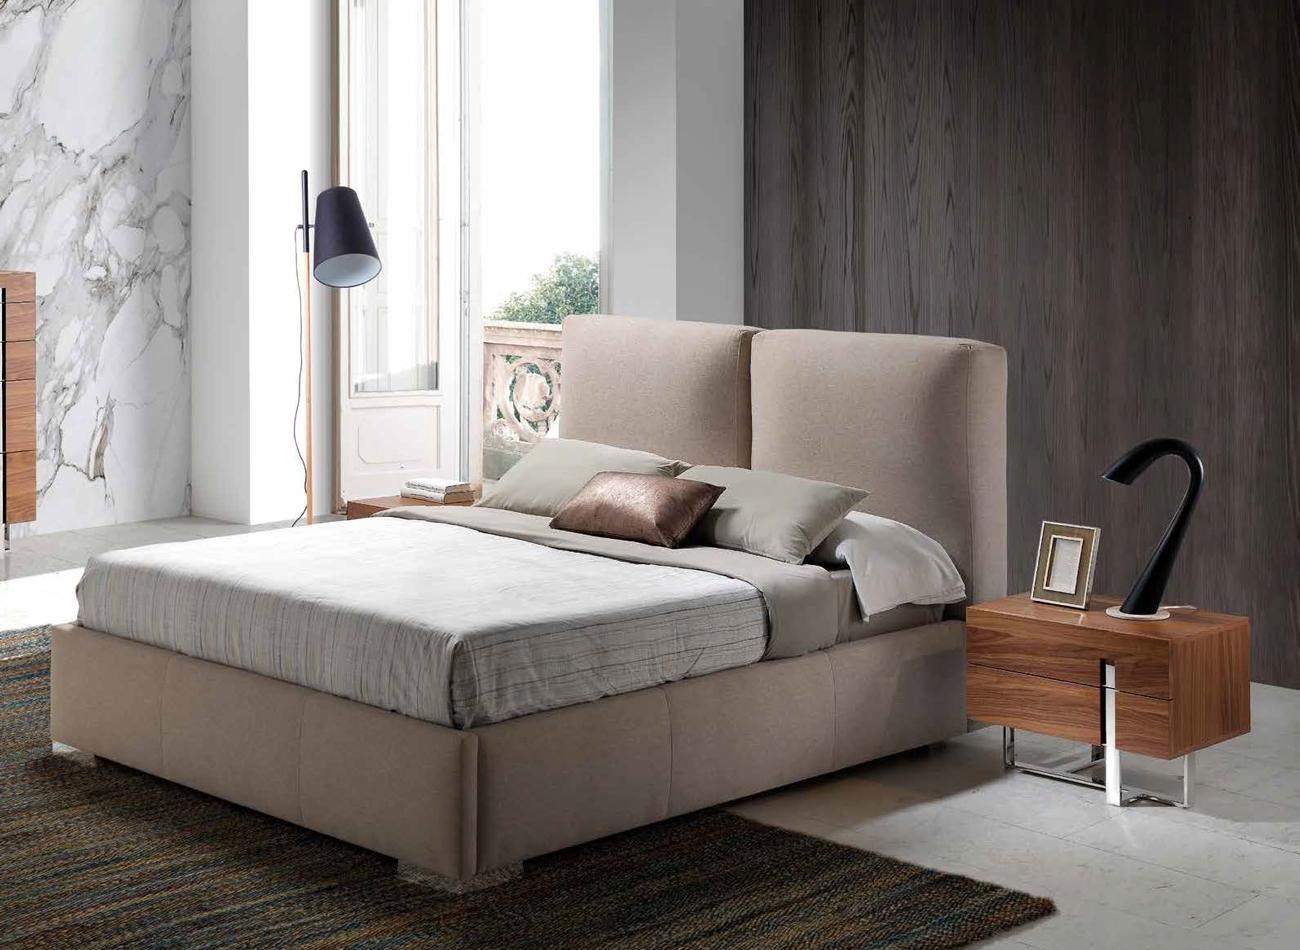 CAMA MODELO BAHIA - CAMA MODELO BAHIA, Cama doble con canapé abatible para almacenaje interior y cabecero acolchado de dos cuerpos.